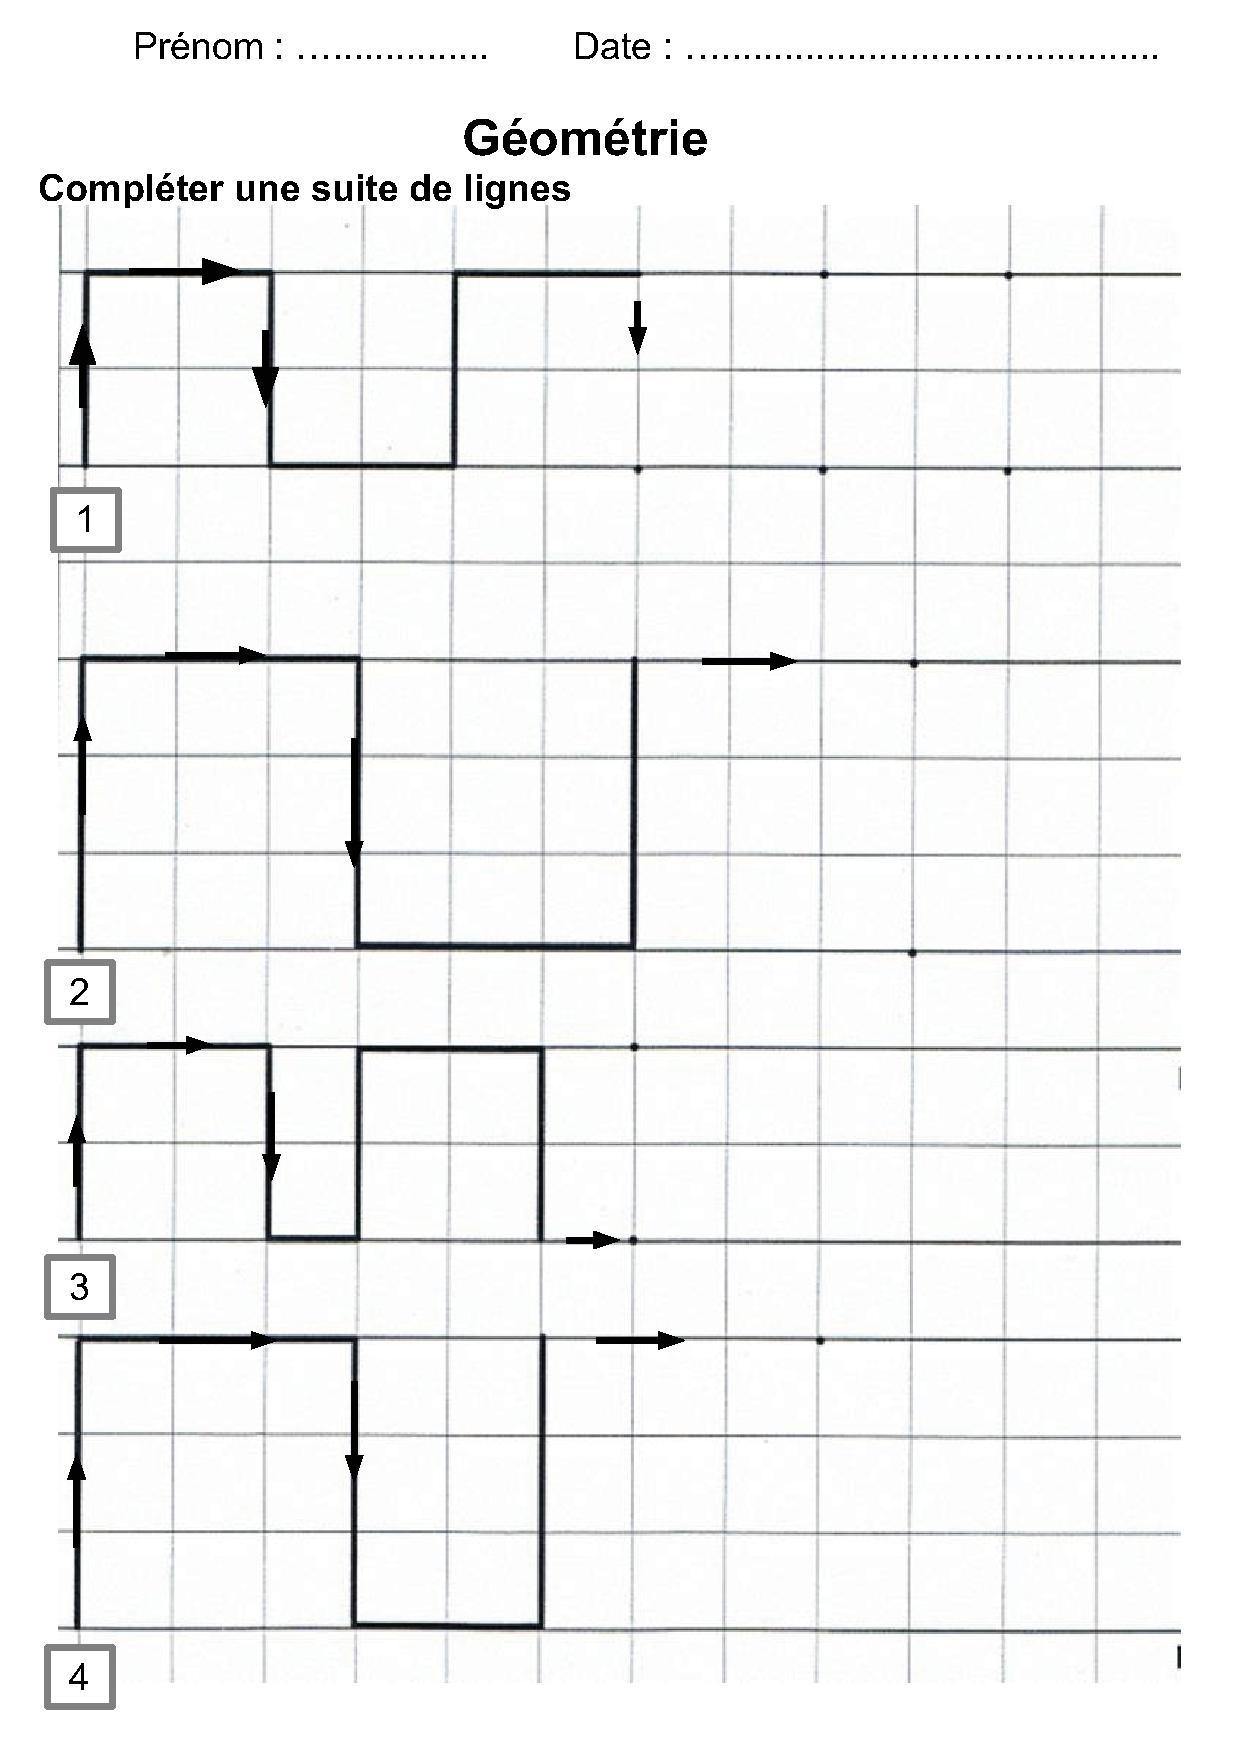 géométrie ce1, ce2, cm1, cm2,compléter une suite de lignes